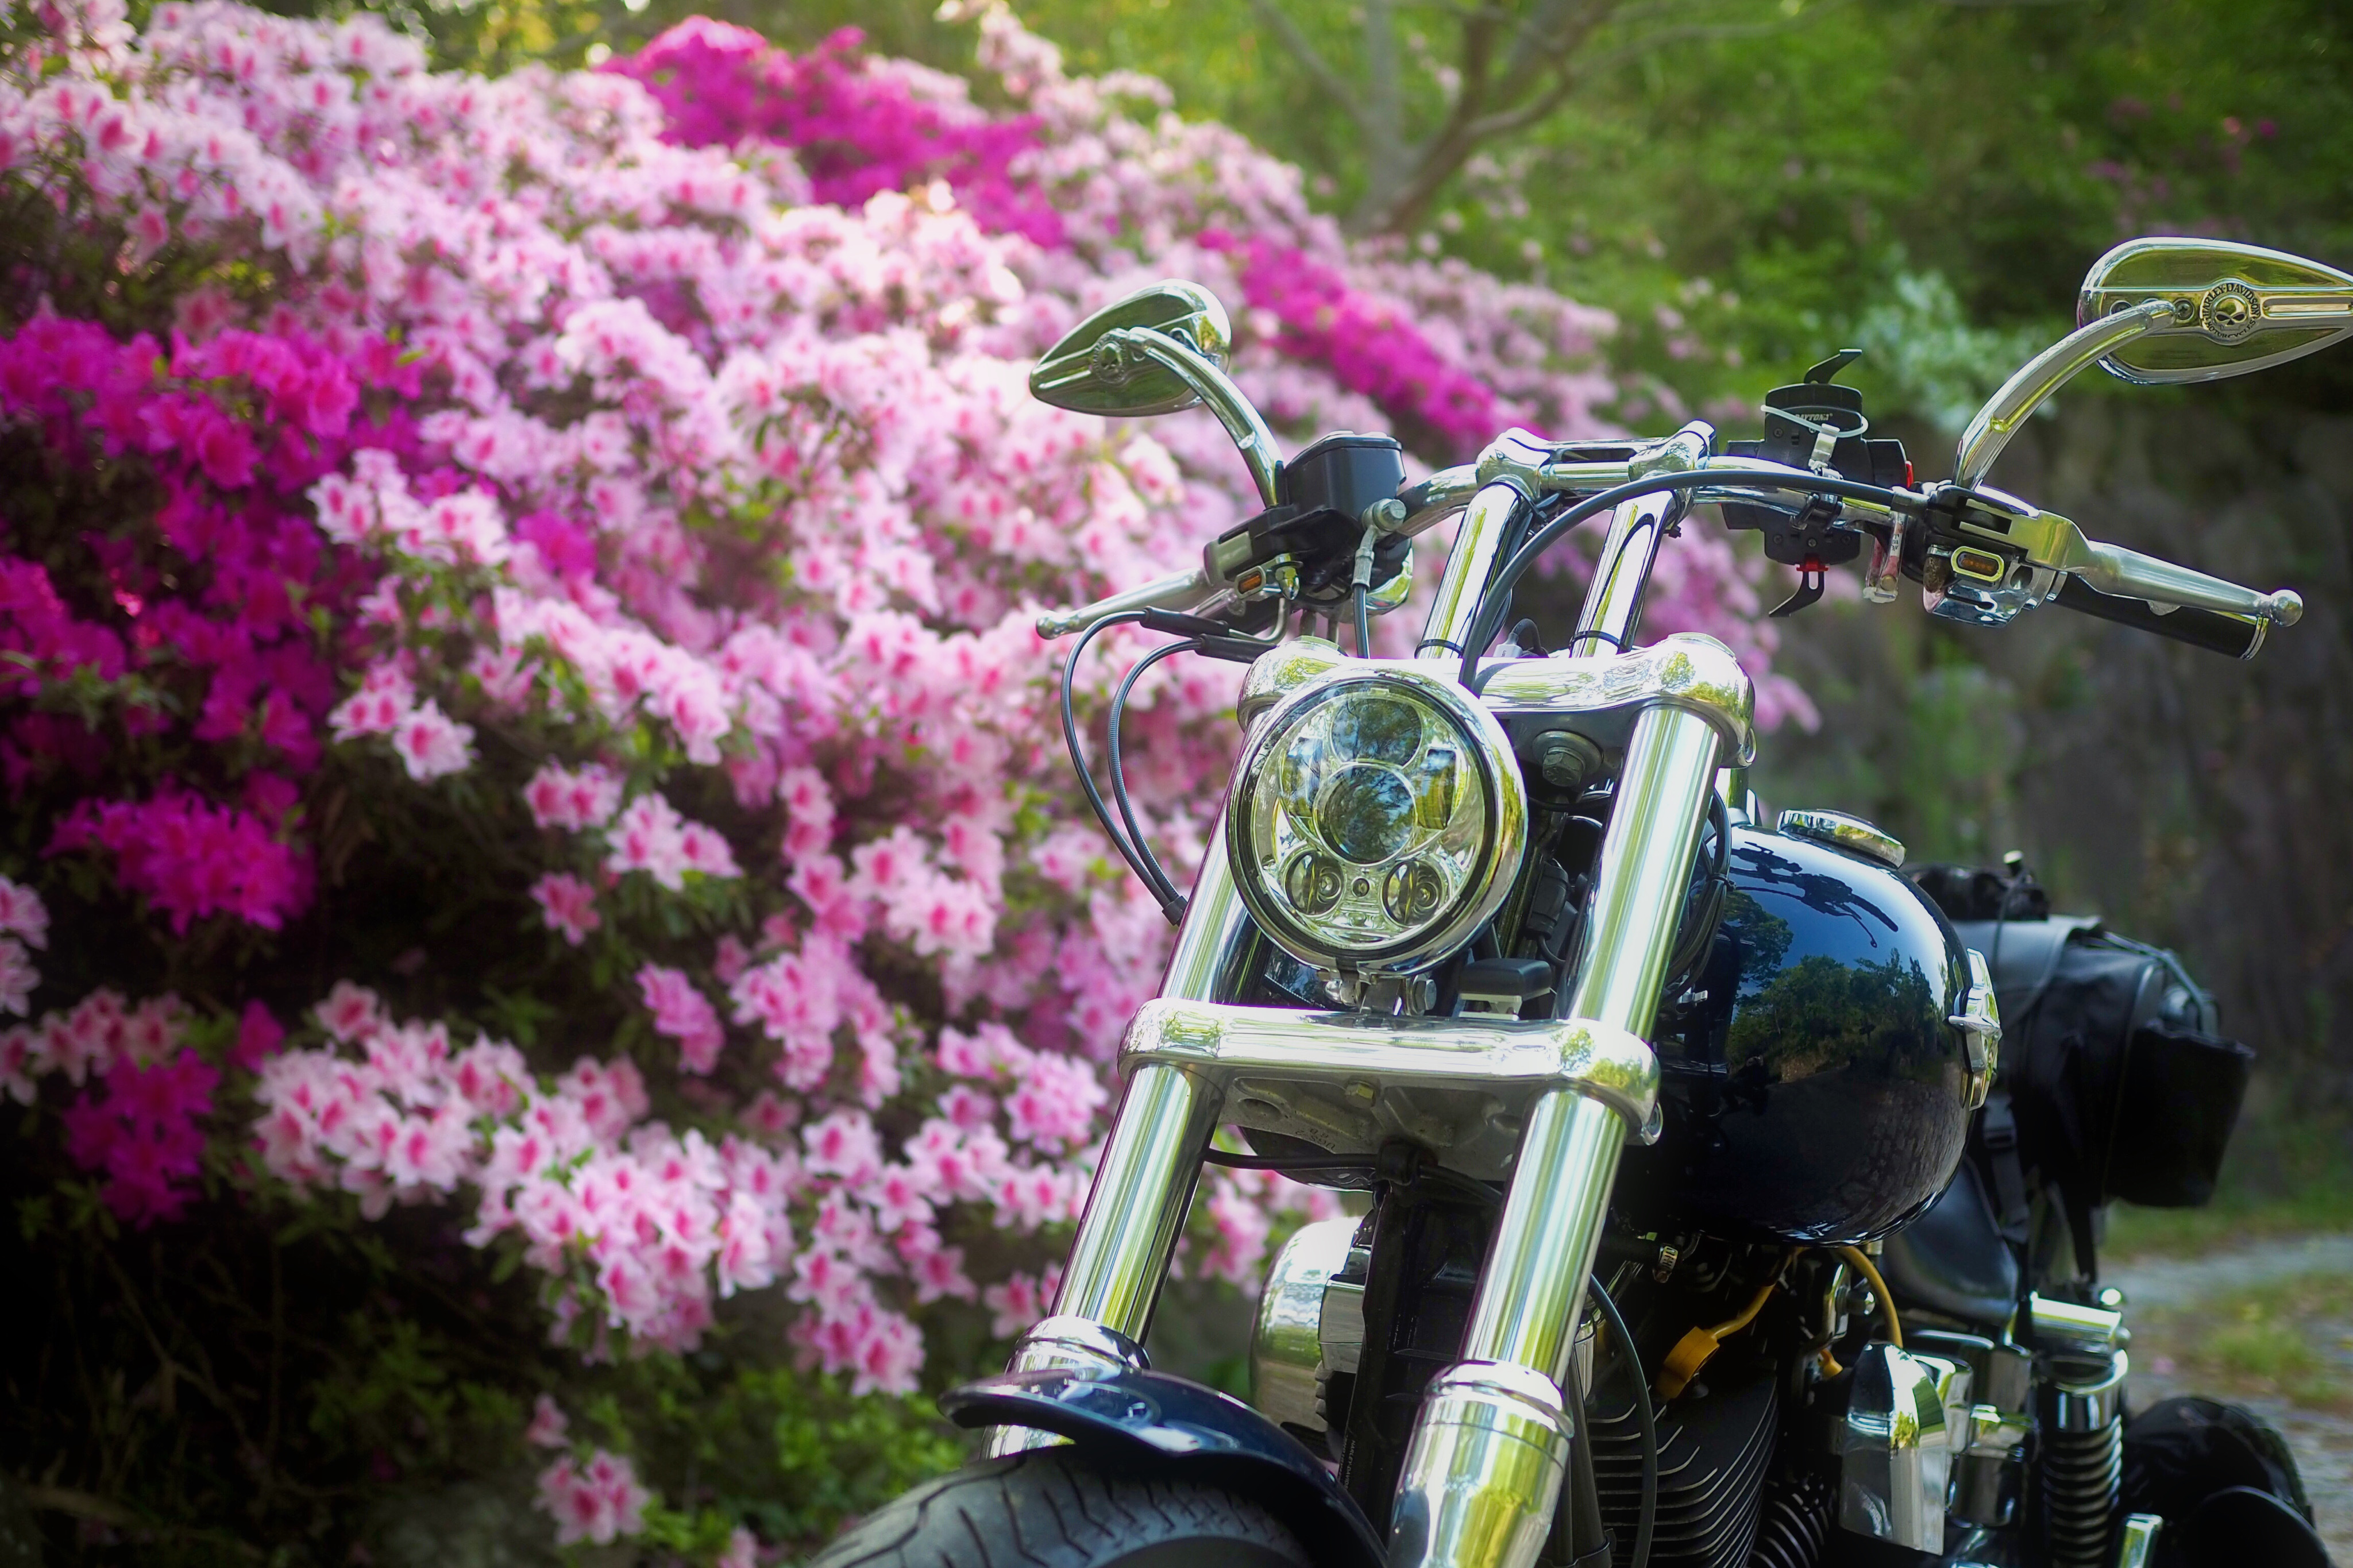 小豆島 絶景&グルメツーリング 高見山公園展望台 ハイキングコース 山道 ツツジ